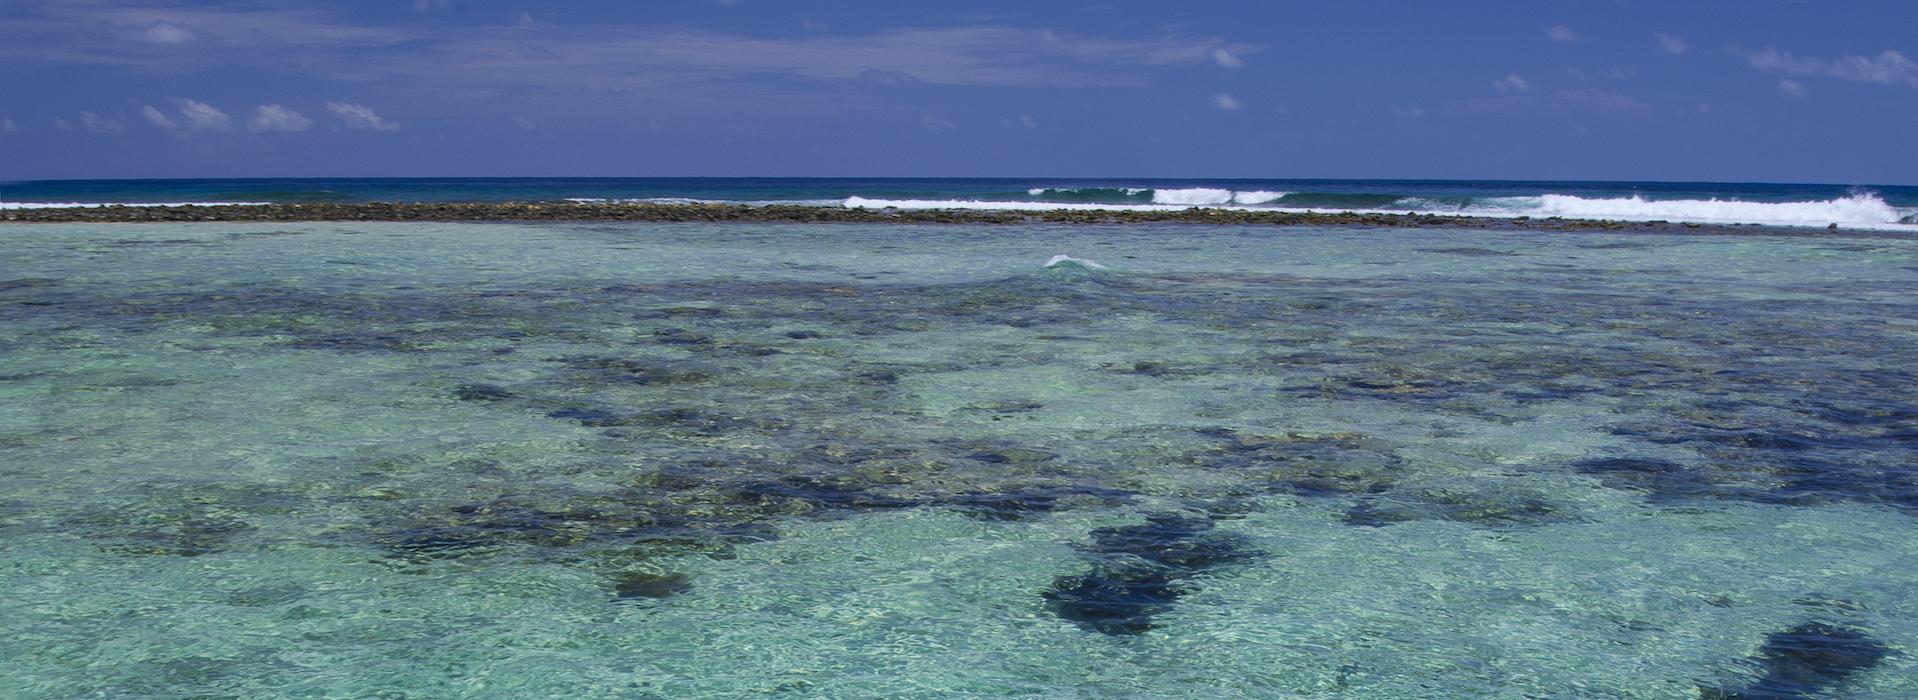 3-Stop Coral Reef Snorkel